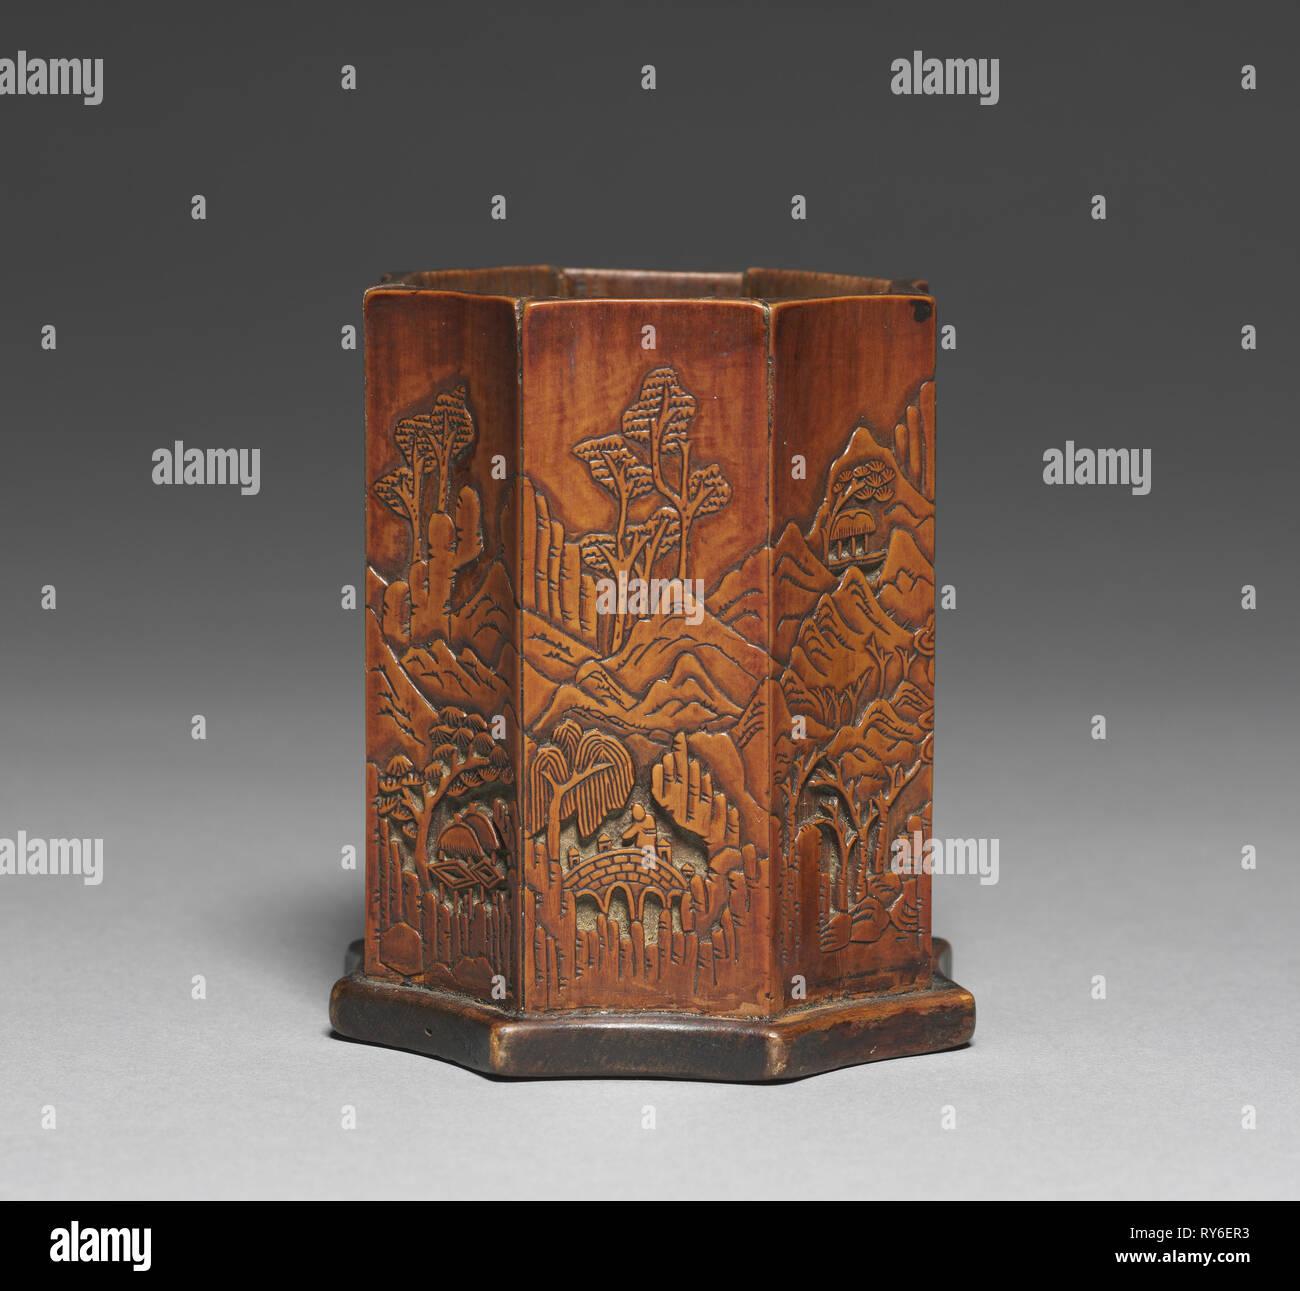 Bürstenhalter mit Bambus und Landschaftsgestaltung, 1800. Korea, der Joseon Dynastie (1392-1910). Geschnitzte Bambus; Insgesamt: 10,1 x 9 cm (4 x 3 9/16 Zoll Stockbild